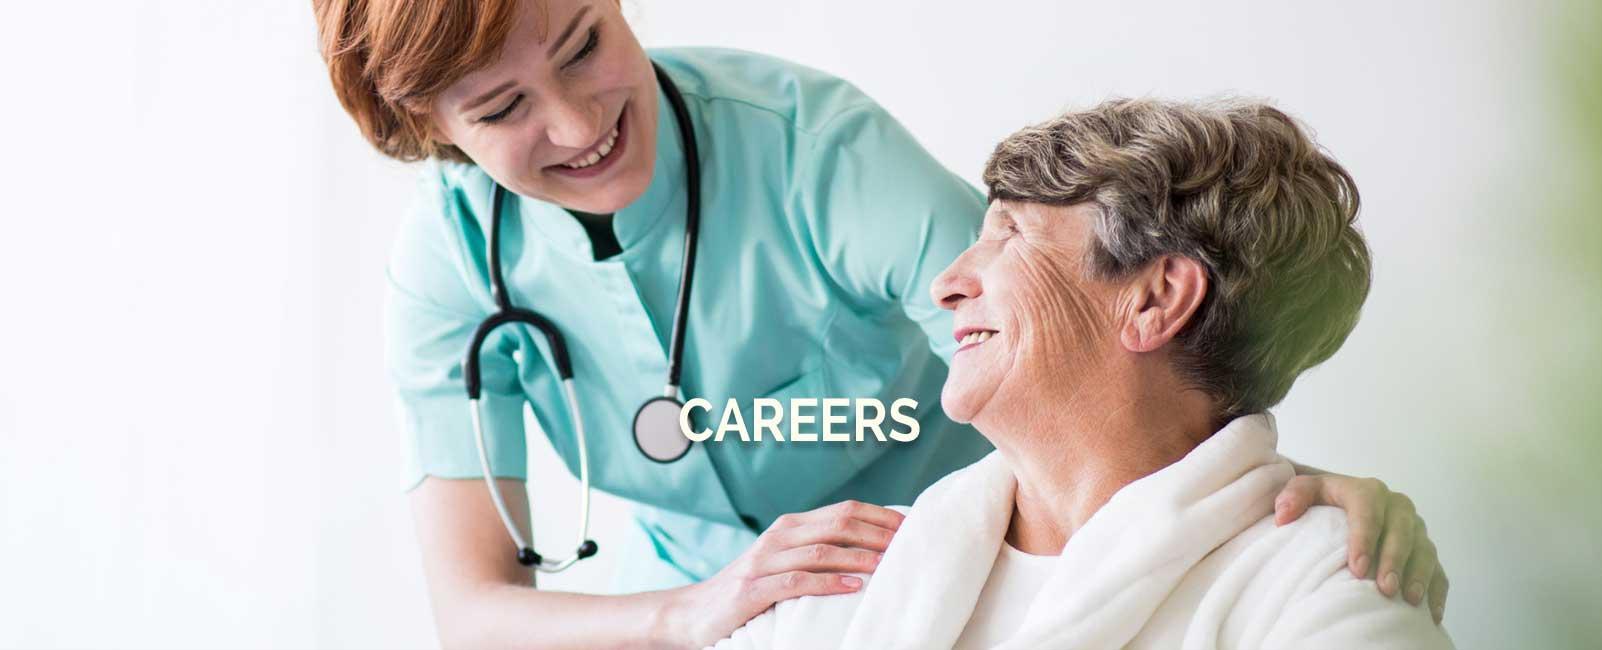 careers-jobs-heritage-ministries-western-new-york